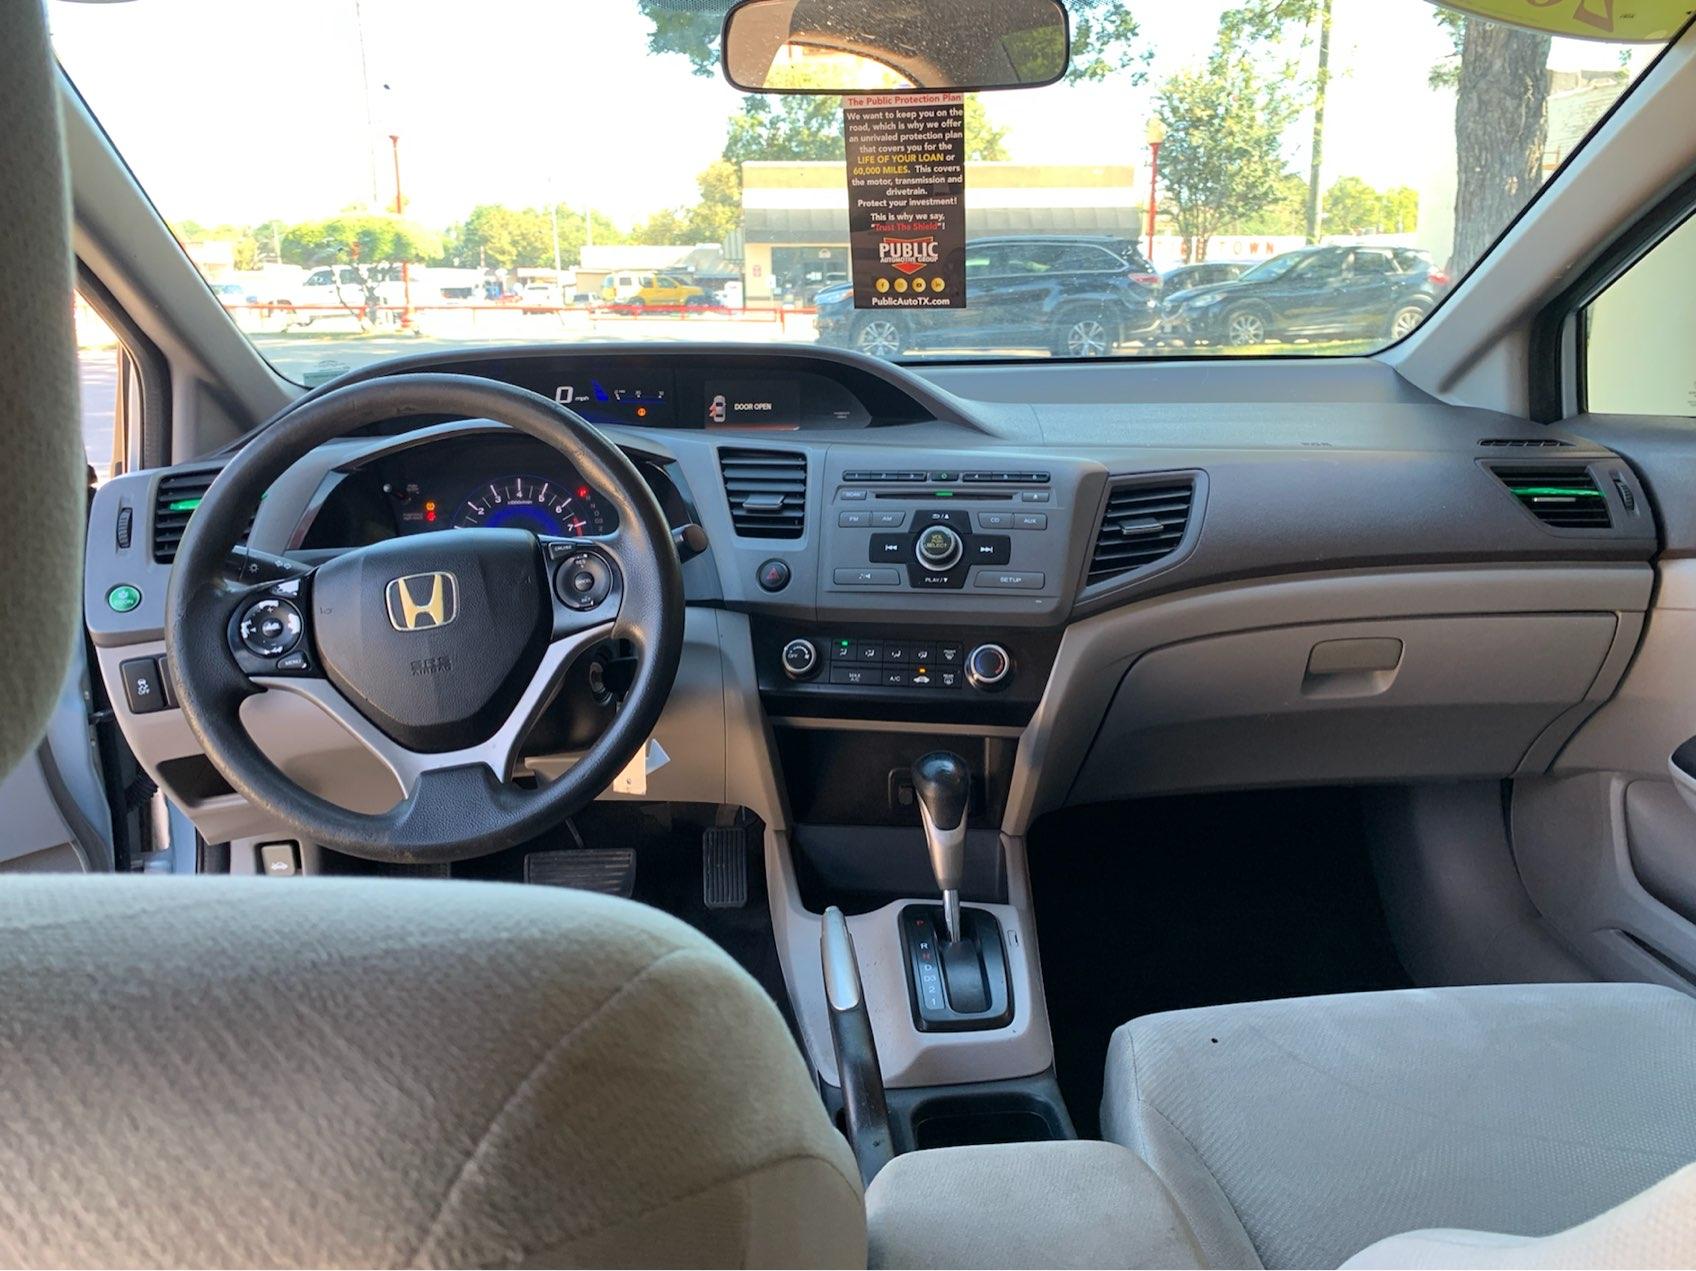 used vehicle - Sedan 5-Speed Automatic HONDA CIVIC SDN 2012